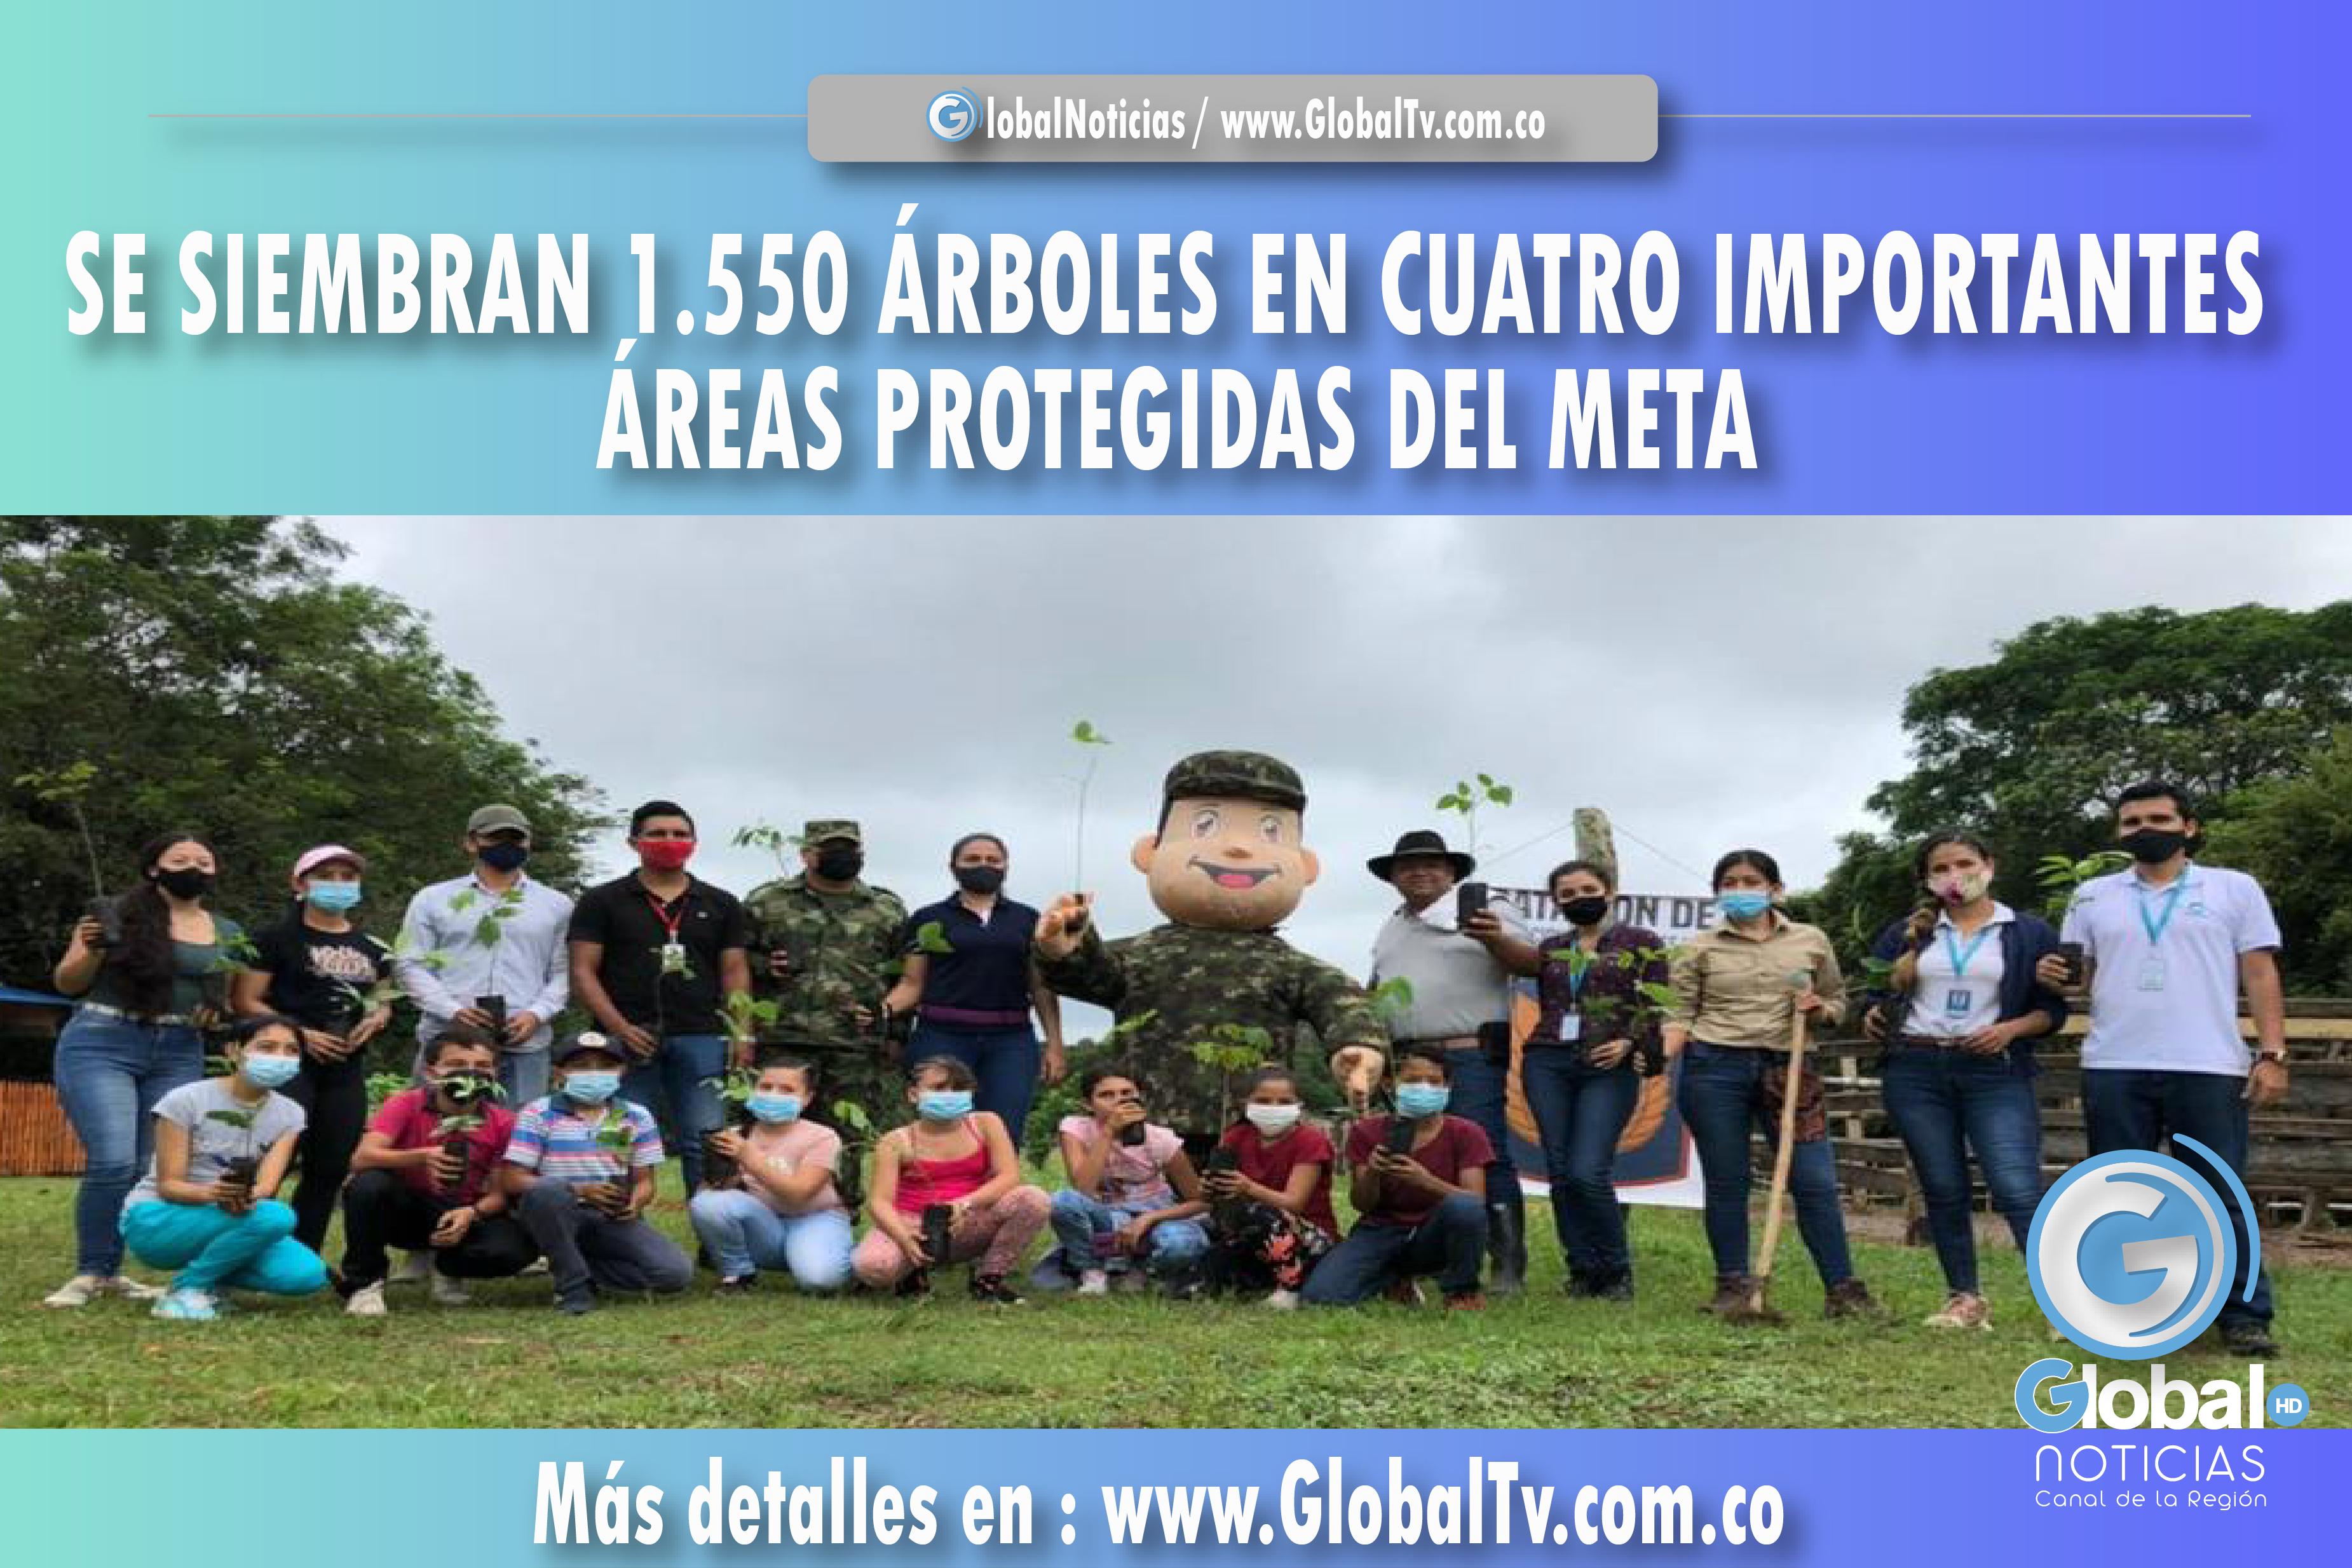 SIEMBRAN 1.550 ÁRBOLES EN CUATRO IMPORTANTES ÁREAS PROTEGIDAS DEL META